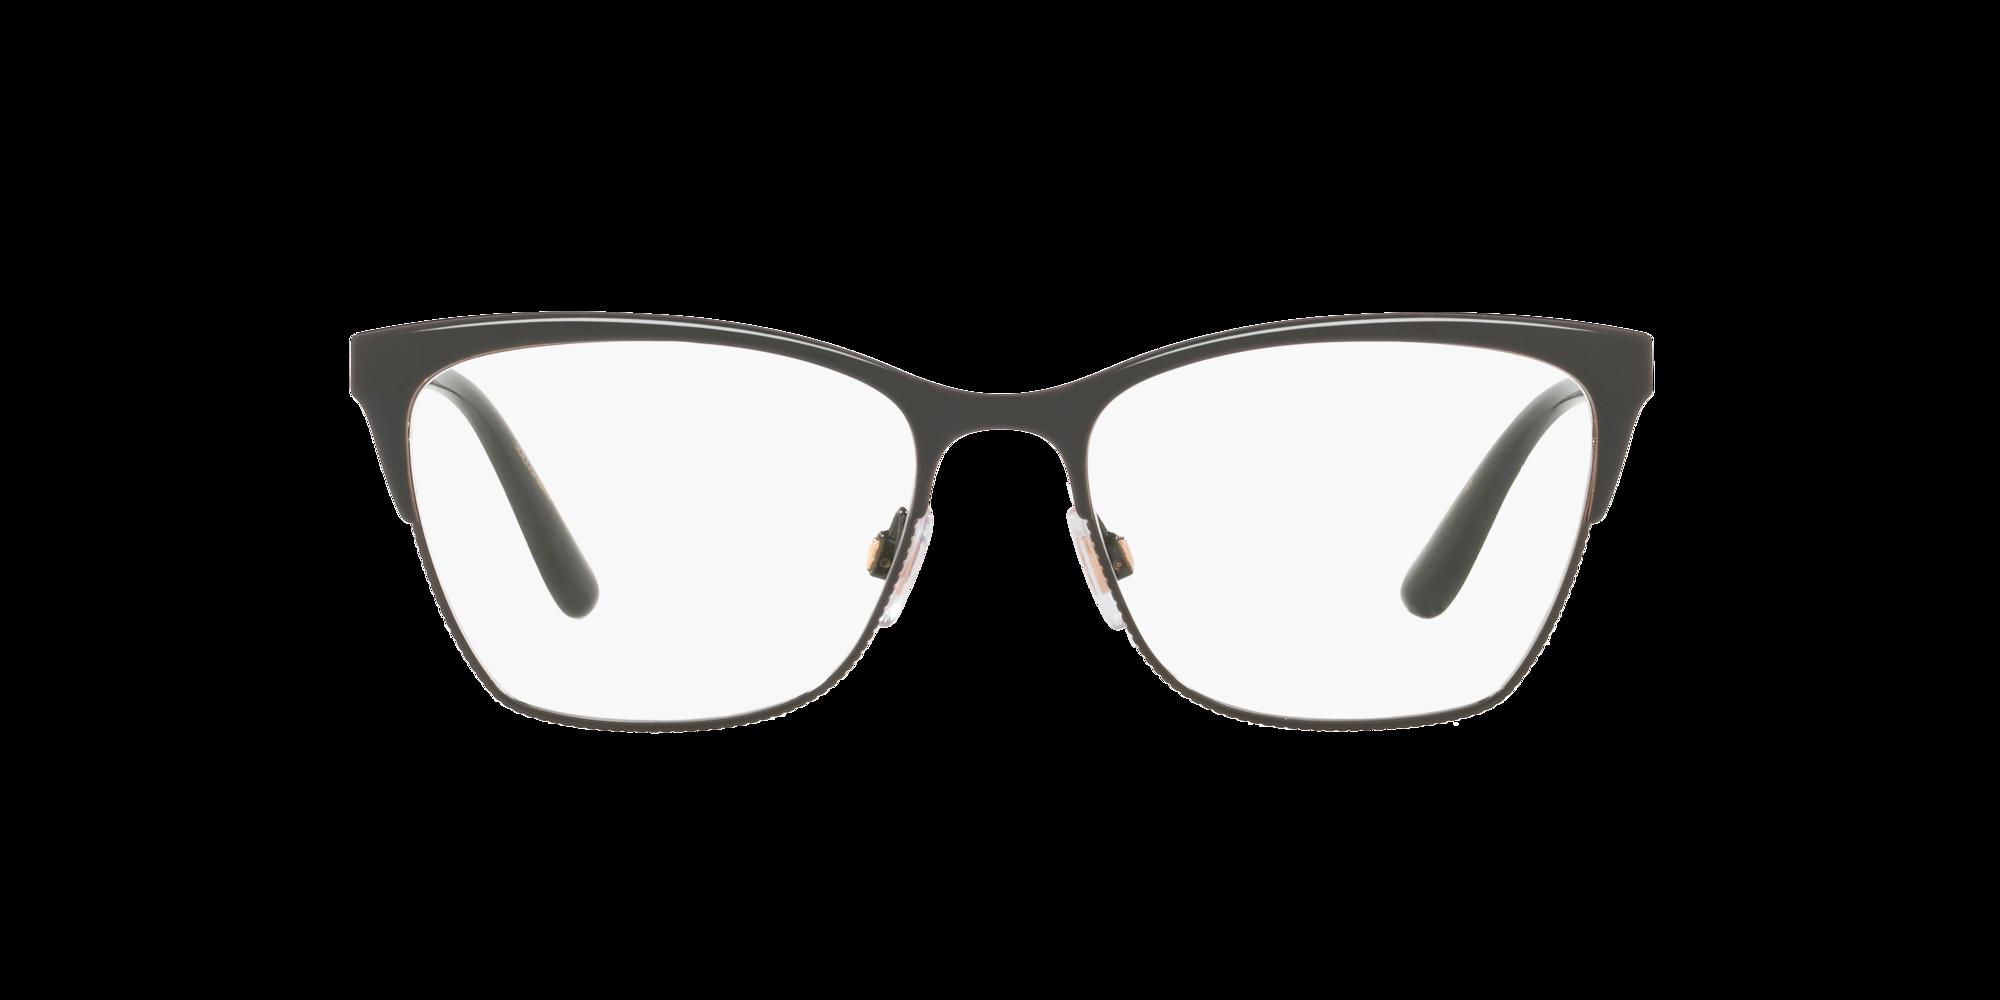 Imagen para DG1310 de LensCrafters |  Espejuelos, espejuelos graduados en línea, gafas